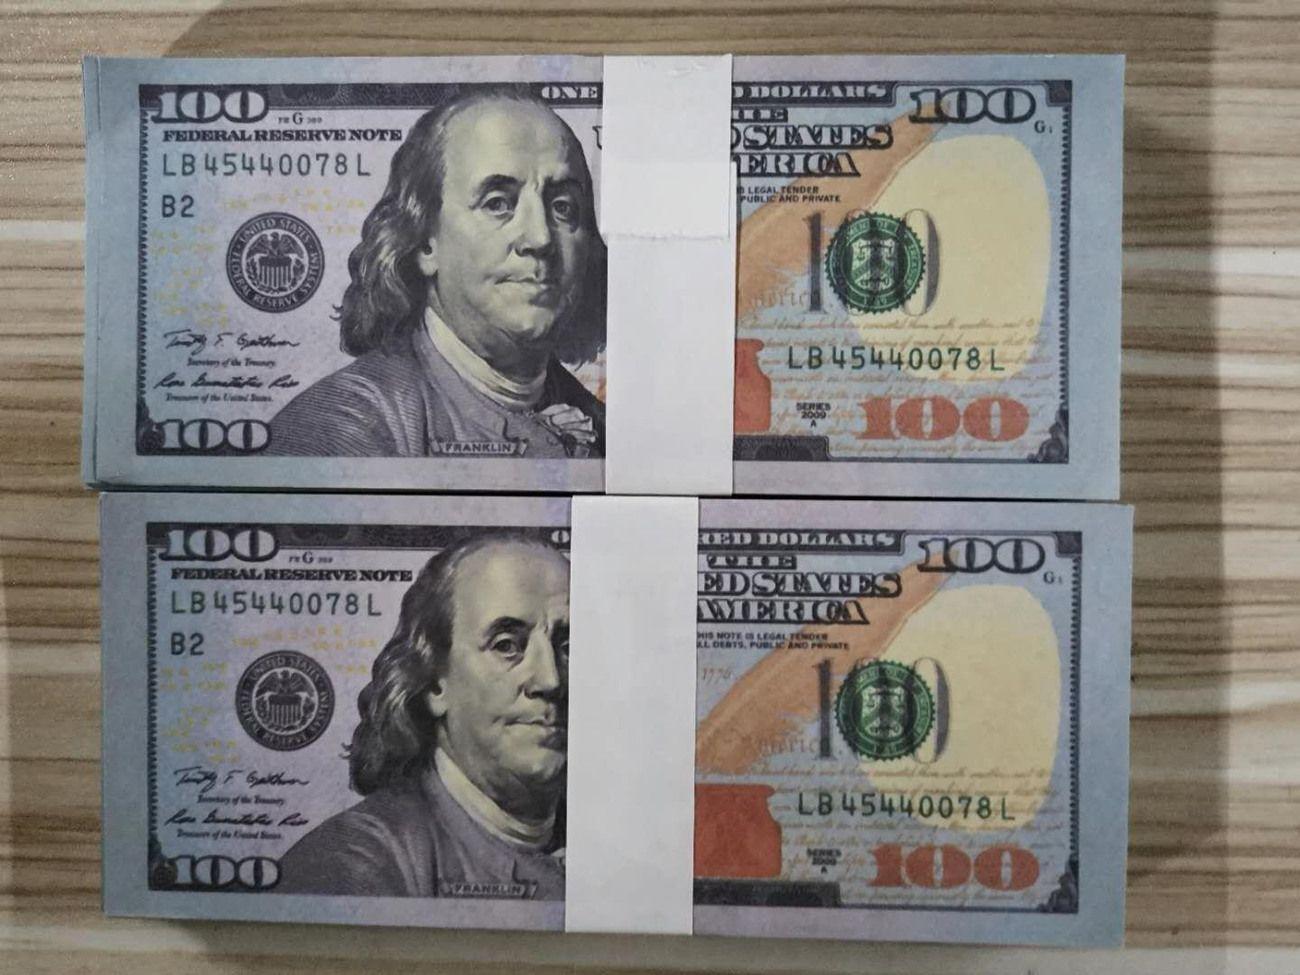 Collection d'argent contrefait 100 Atmosphère jouet Pistolet Fake Party Banknote Hot Film Vente Play Stade Banknote Dollars Barre contrefaite KGBG